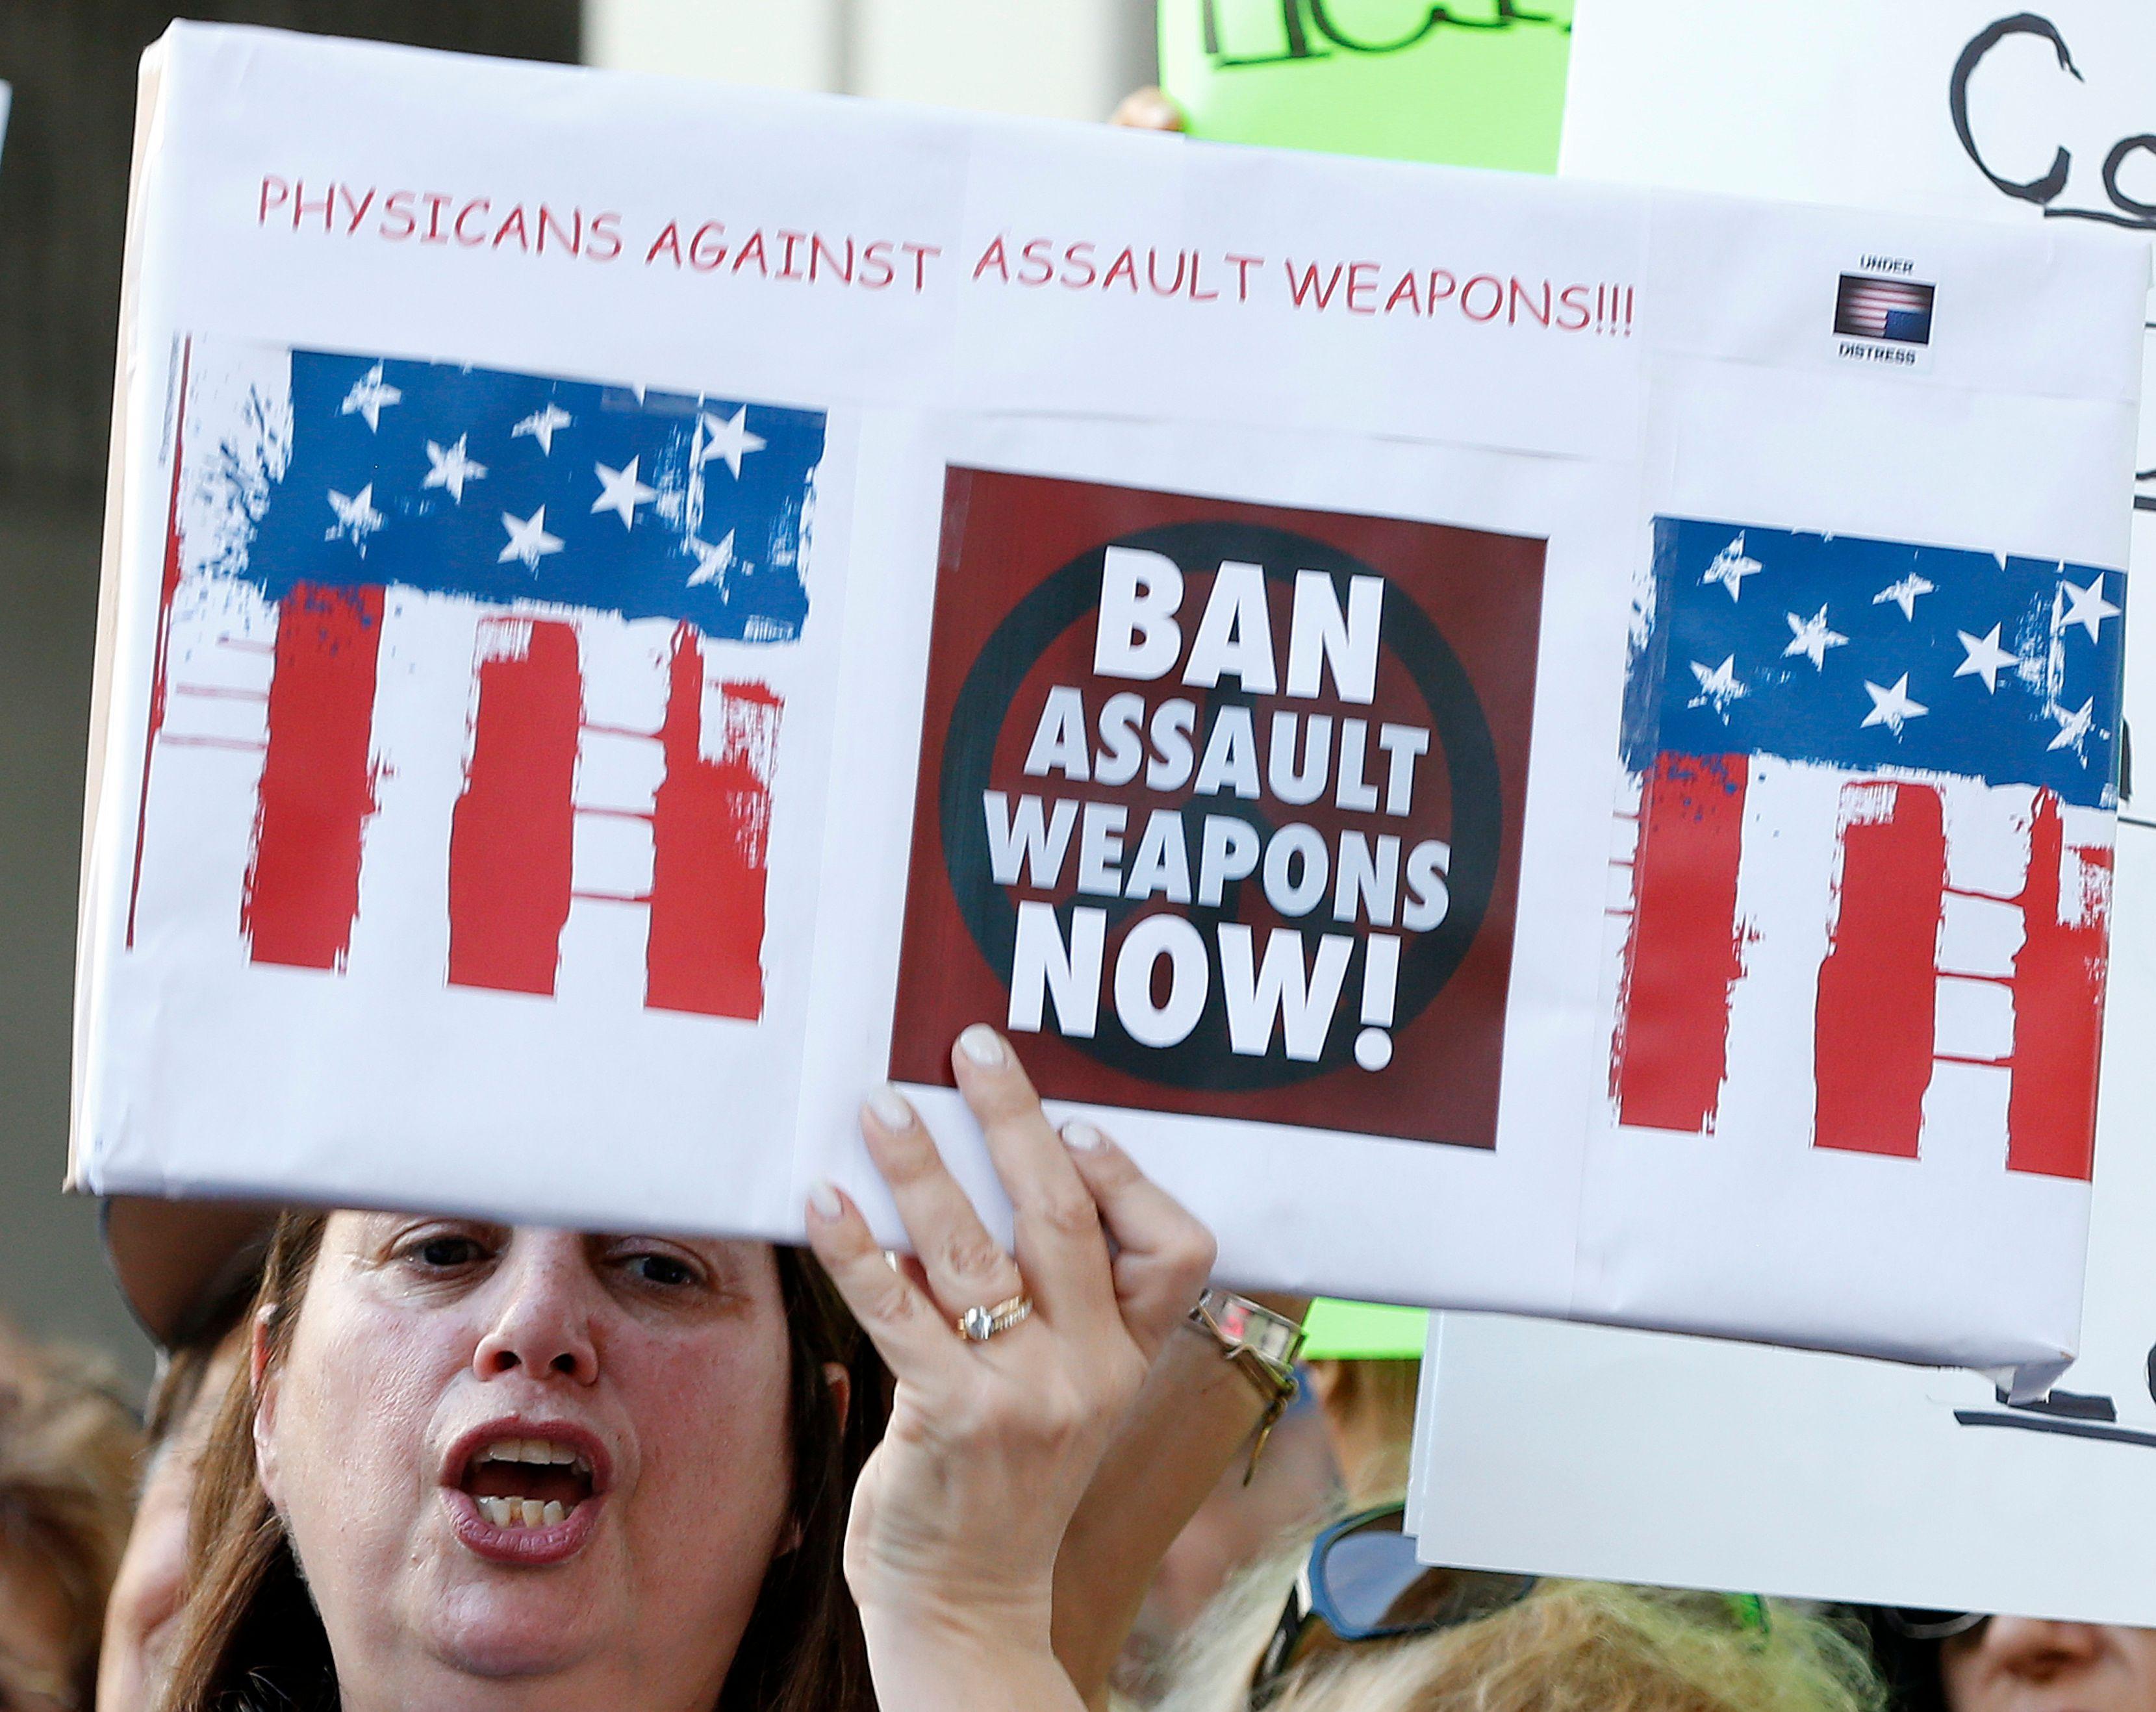 一名示威者要求「立即禁止攻擊性武器」。(Getty Images)